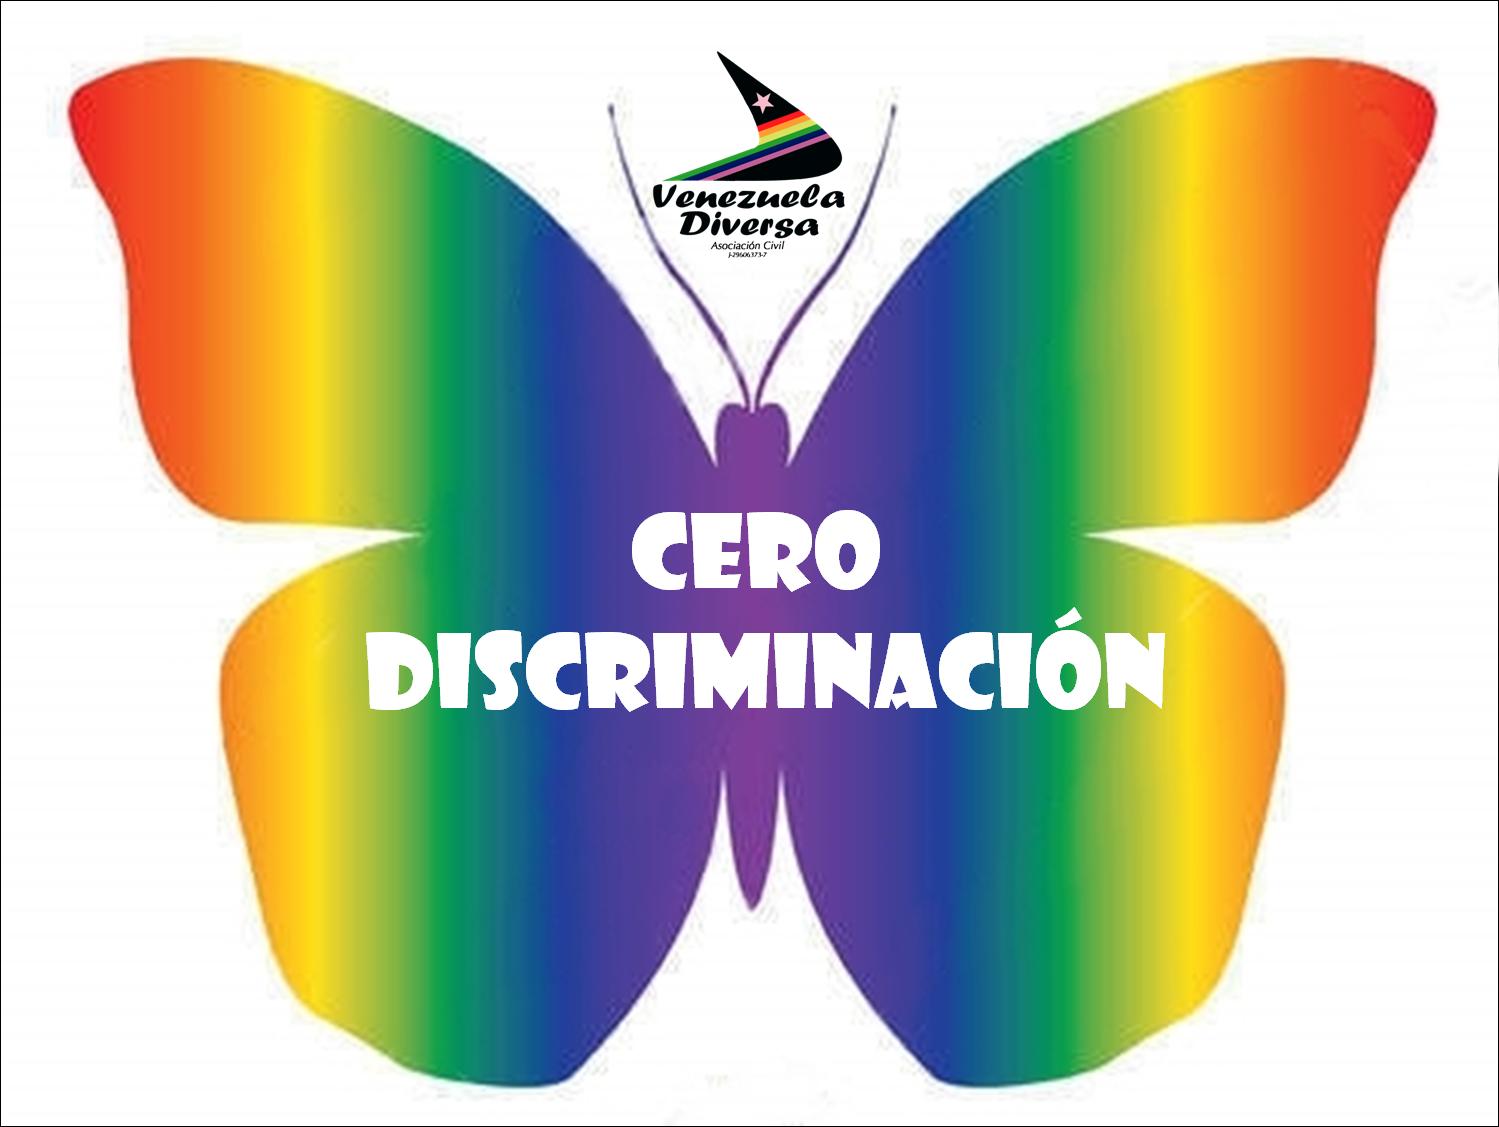 Venezuela Diversa: 01 Marzo 2016. Día Cero Discriminación: Destácate.